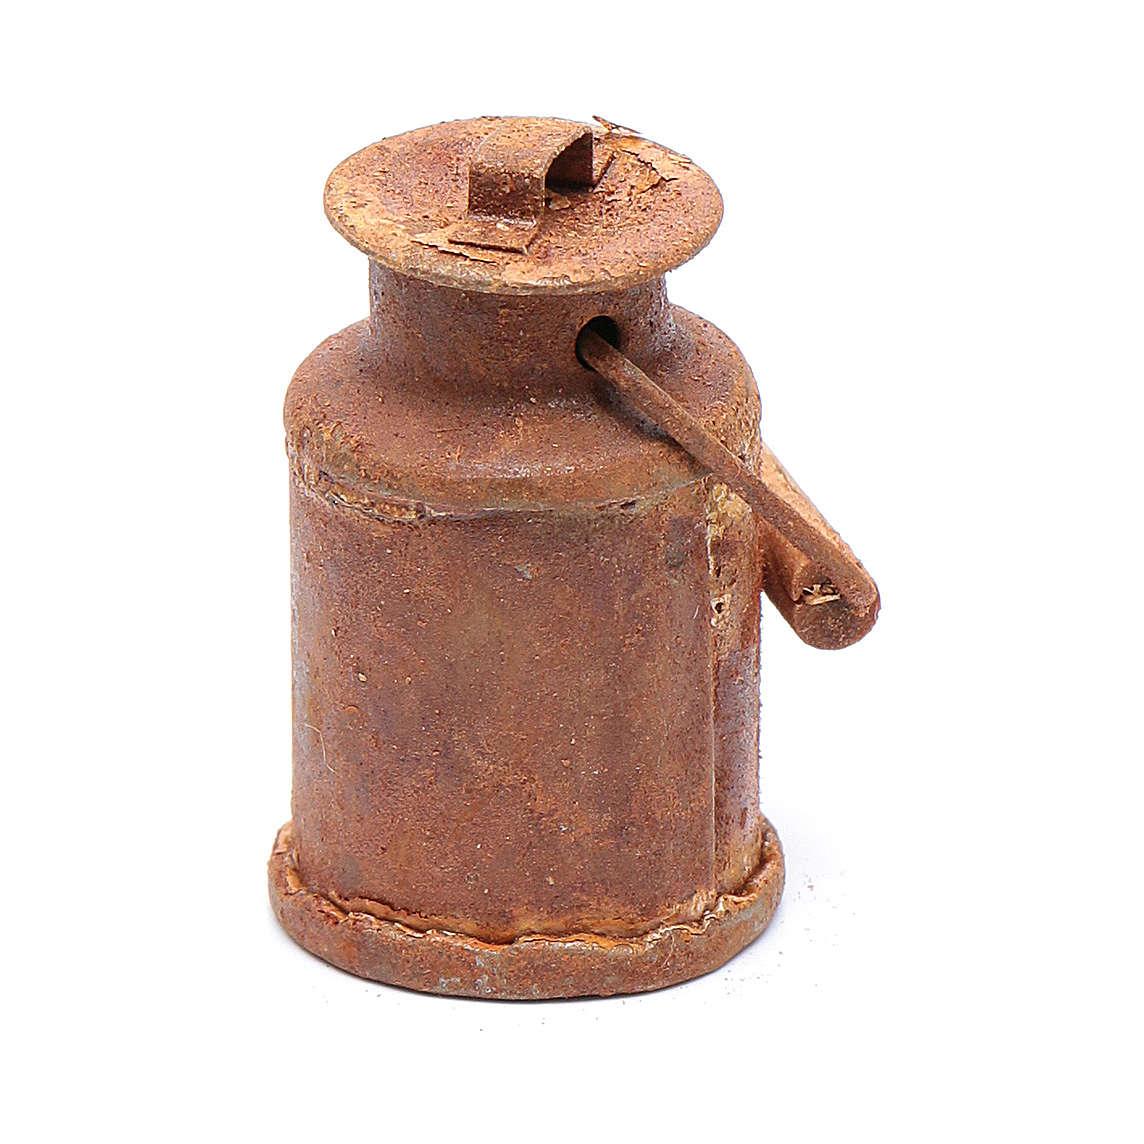 Milchkanne Antik-Look 3,5x2 cm Zubehör für DIY-Krippe 4